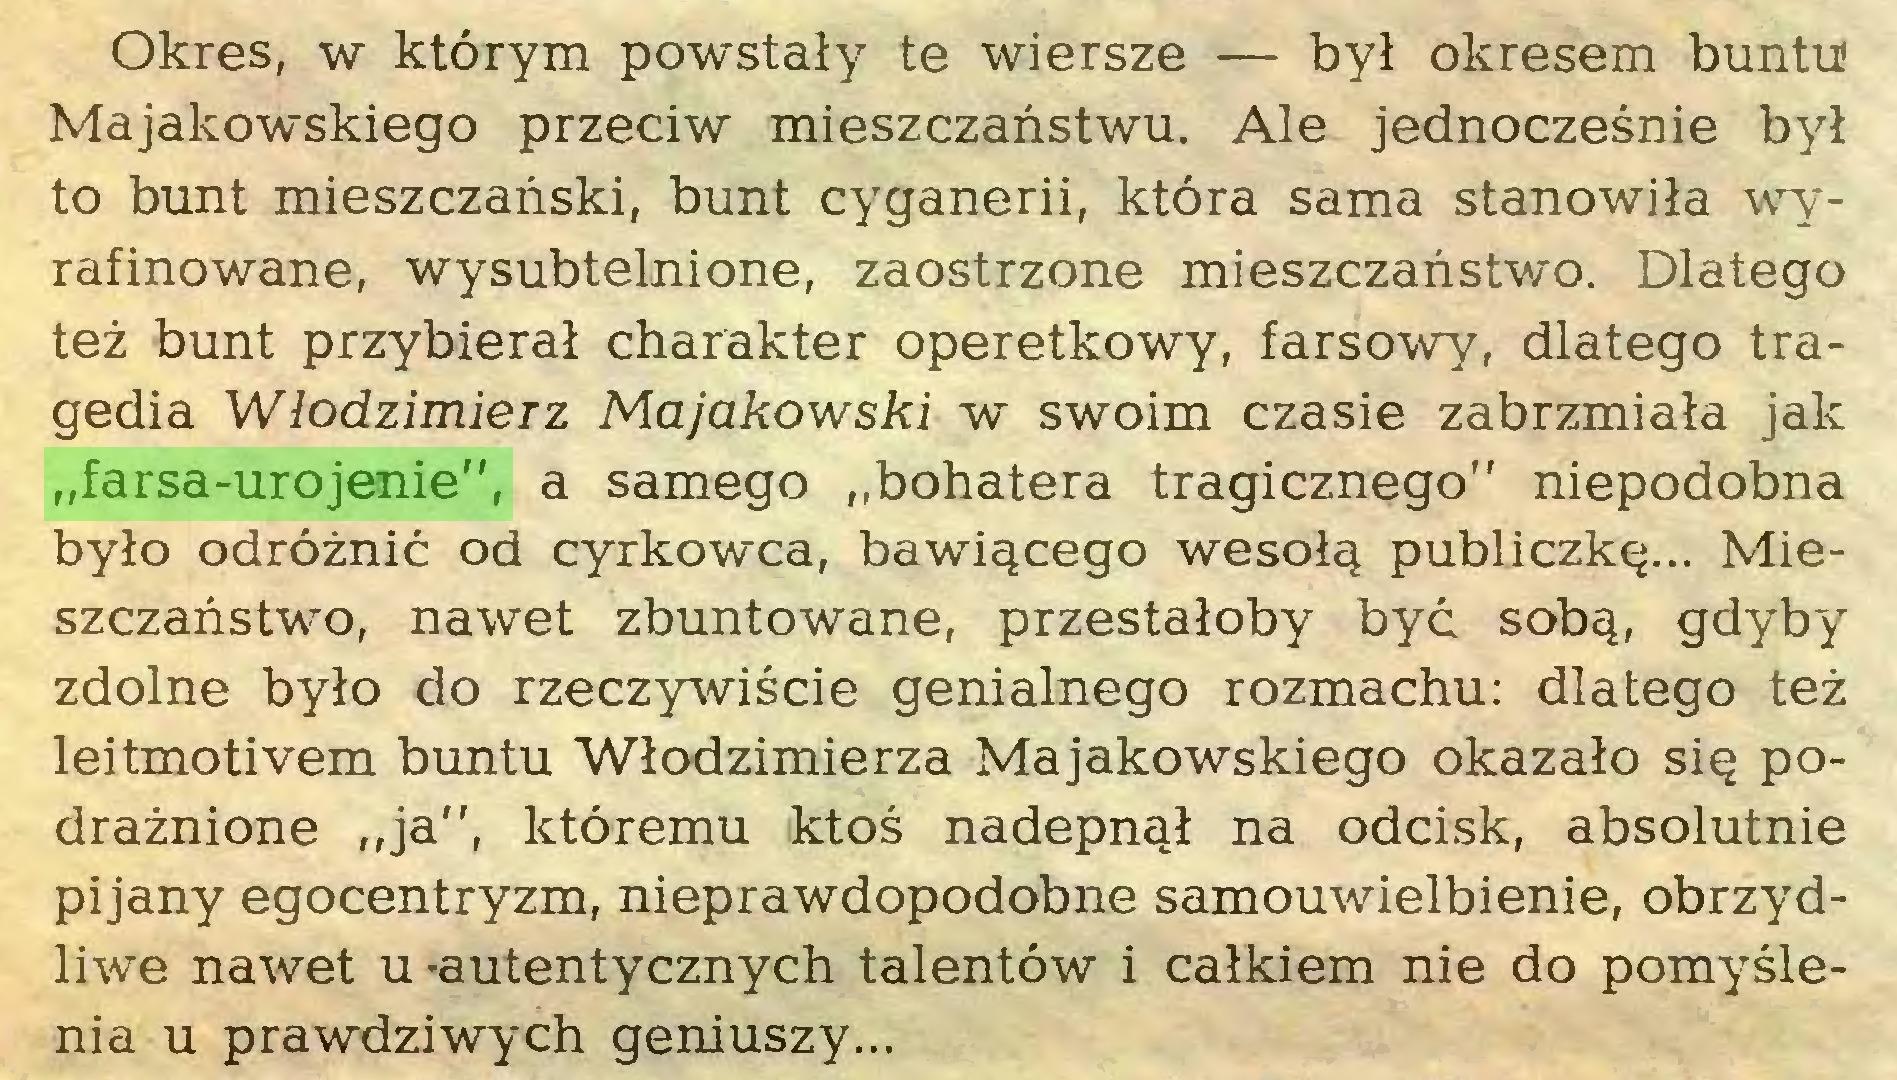 """(...) Okres, w ktörym powstaly te wiersze — byl okresem buntu Majakowskiego przeciw mieszczanstwu. Ale jednoczesnie byl to bunt mieszczanski, bunt cyganerii, ktöra sama stanowila wyrafinowane, wysubtelnione, zaostrzone mieszczanstwo. Dlatego tez bunt przybieral Charakter operetkowy, farsowy, dlatego tragedia Wlodzimierz Majakowski w swoim czasie zabrzmiala jak """"farsa-urojenie"""", a samego """"bohatera tragicznego"""" niepodobna bylo odröznic od cyrkowca, bawigcego wesolg publiczkg... Mieszczanstwo, nawet zbuntowane, przestaloby byc sobg, gdyby zdolne bylo do rzeczywiscie genialnego rozmachu: dlatego tez leitmotivem buntu Wlodzimierza Majakowskiego okazalo sig podraznione """"ja"""", ktöremu ktos nadepngl na odcisk, absolutnie pijany egocentryzm, nieprawdopodobne samouwielbienie, obrzydliwe nawet u -autentycznych talentöw i calkiem nie do pomyslenia u prawdziwych geniuszy..."""